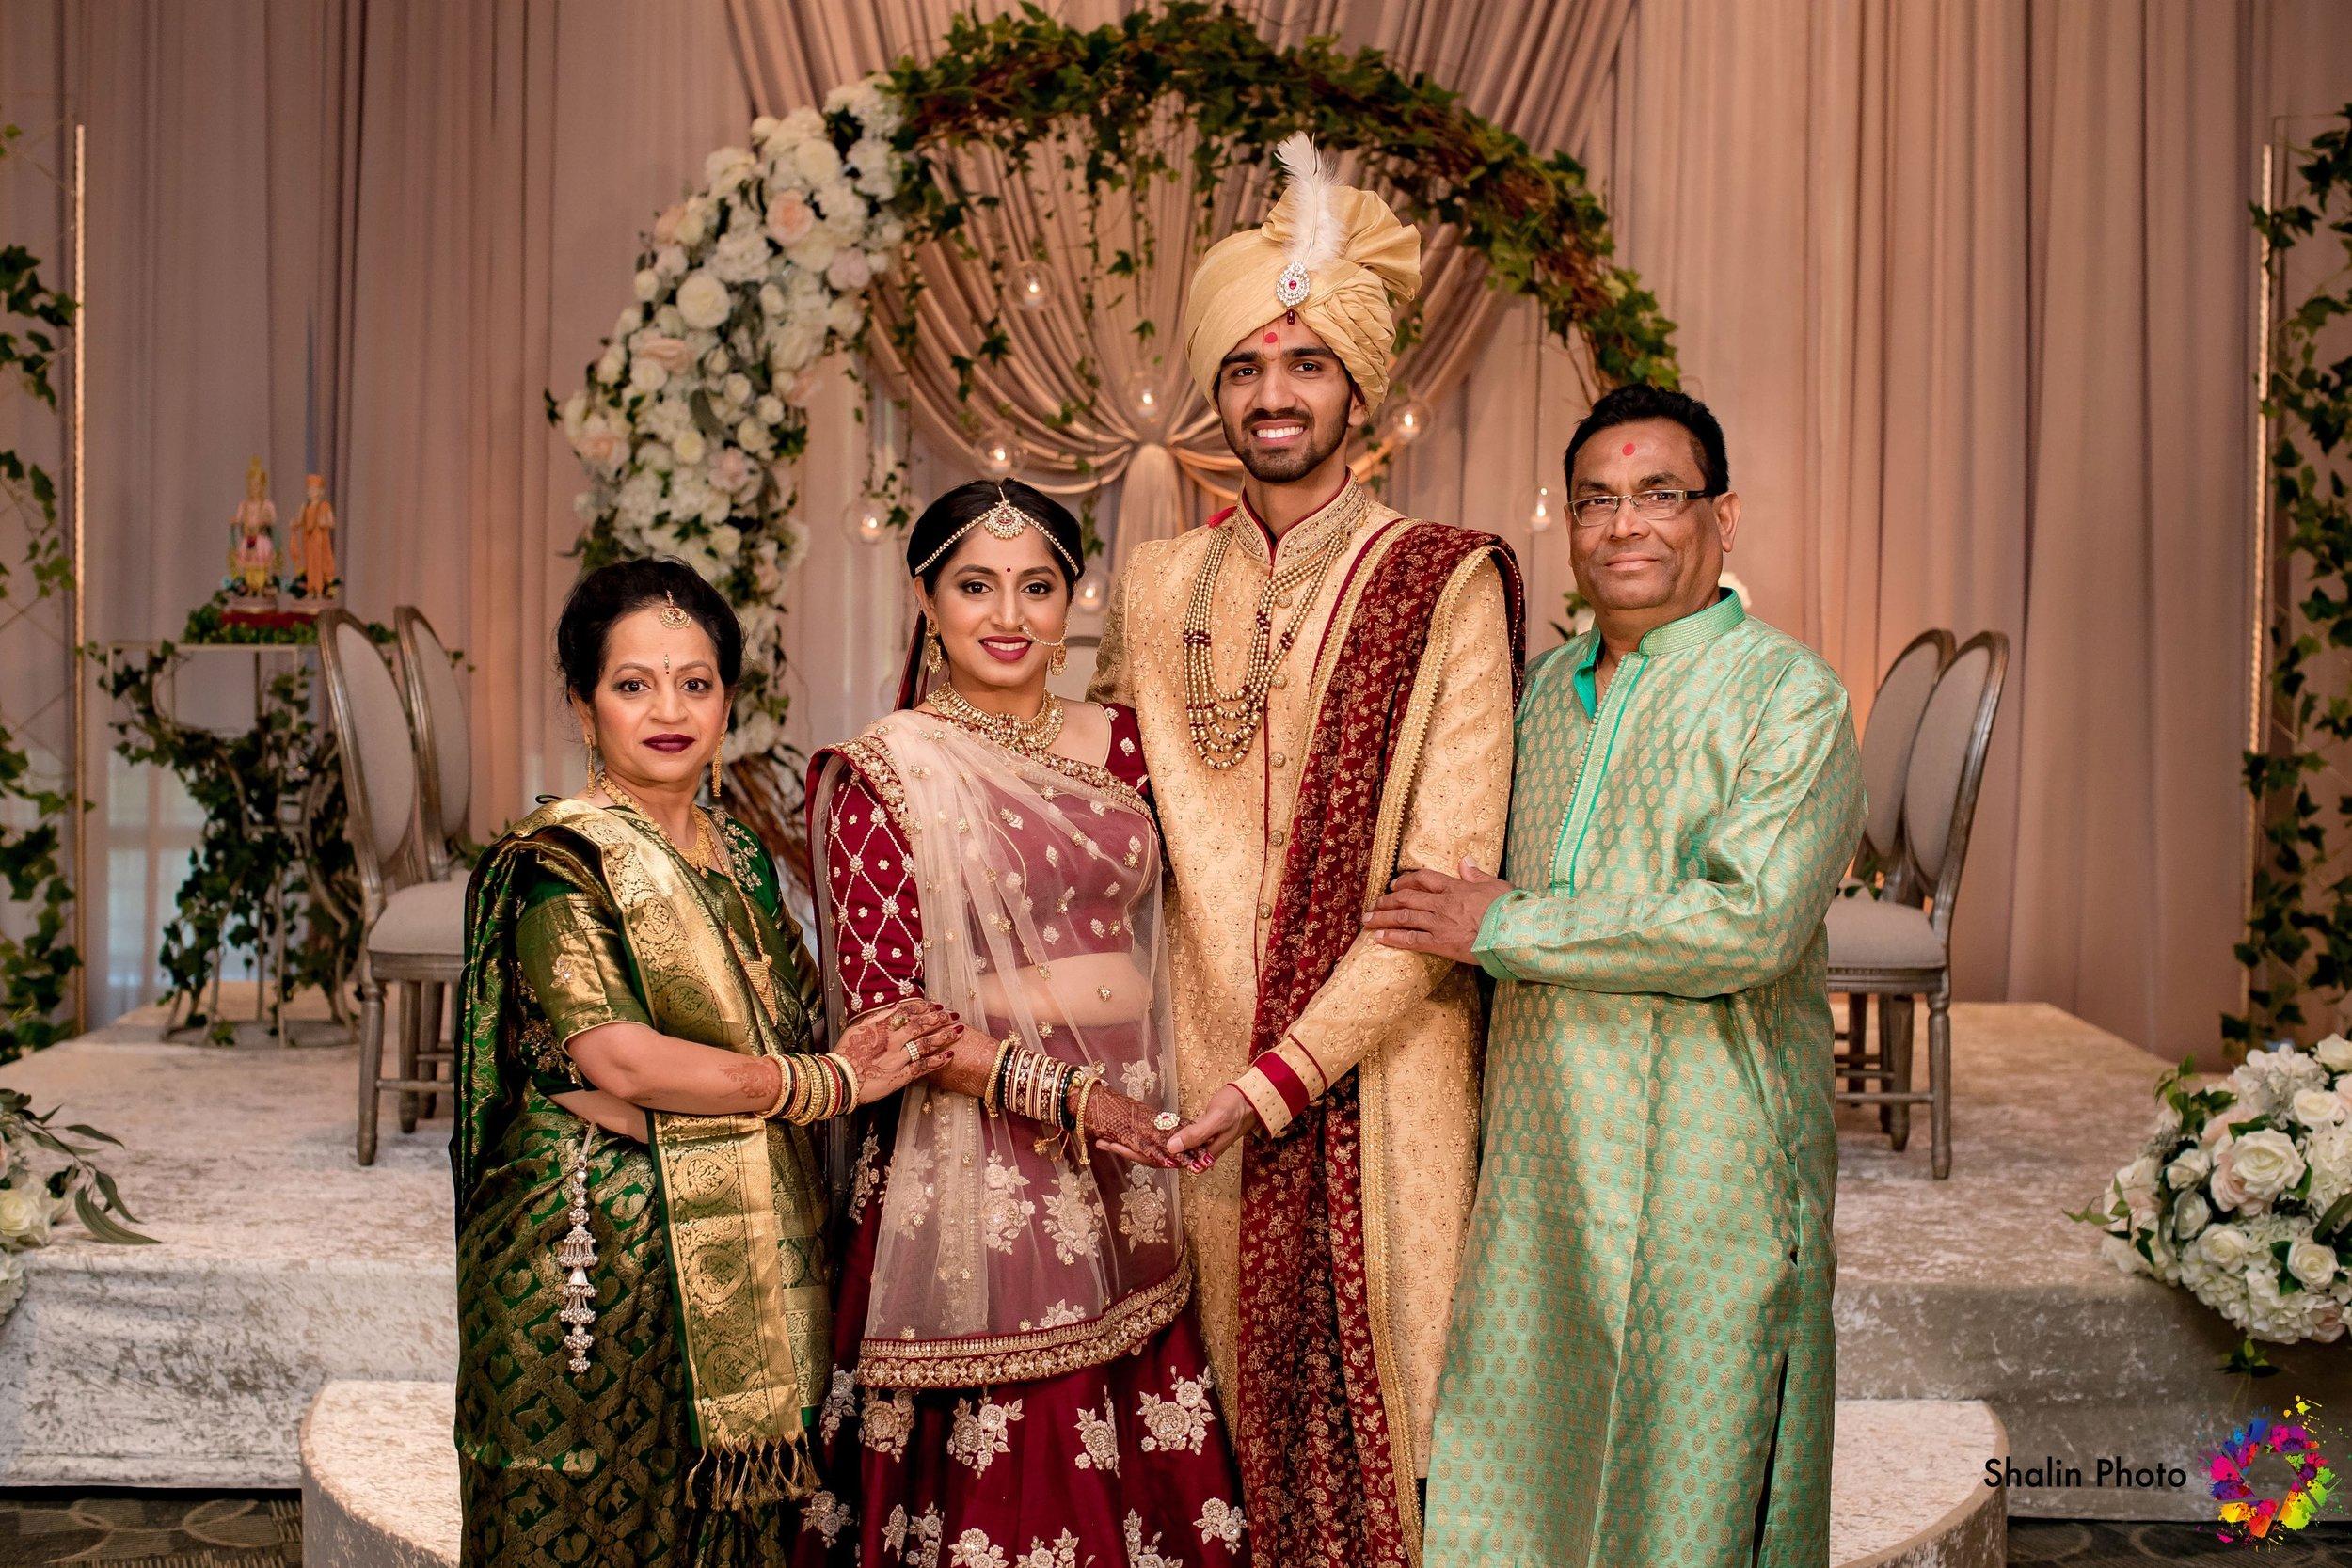 Nidhi_&_Ravi_Wedding_Samples_09.jpg